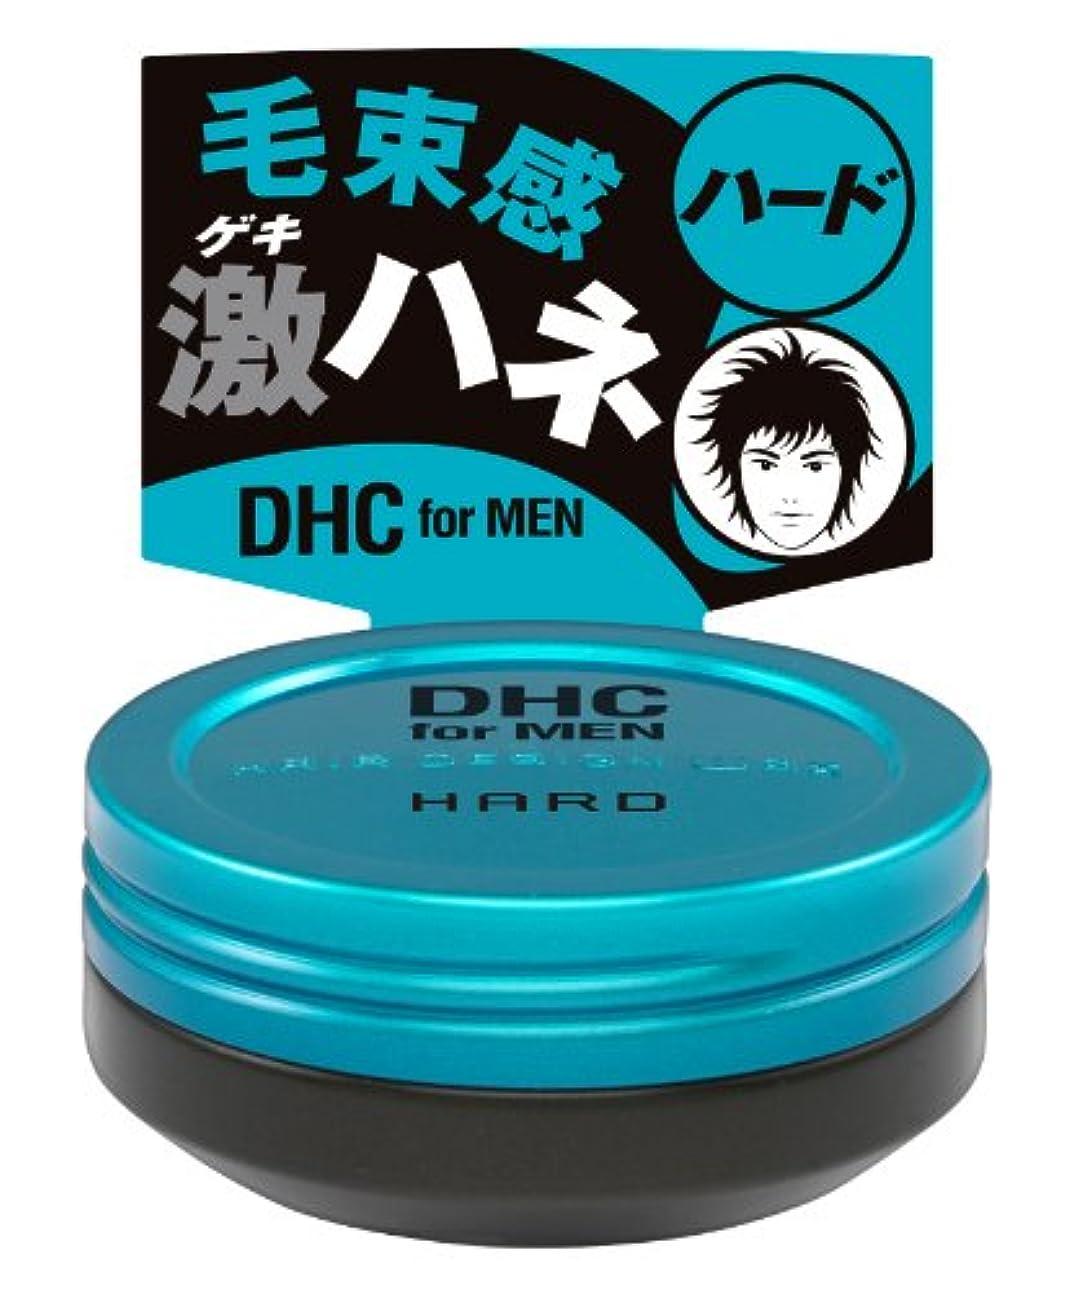 せせらぎ運ぶ研磨剤DHCforMEN ヘアデザインワックス (ハード)